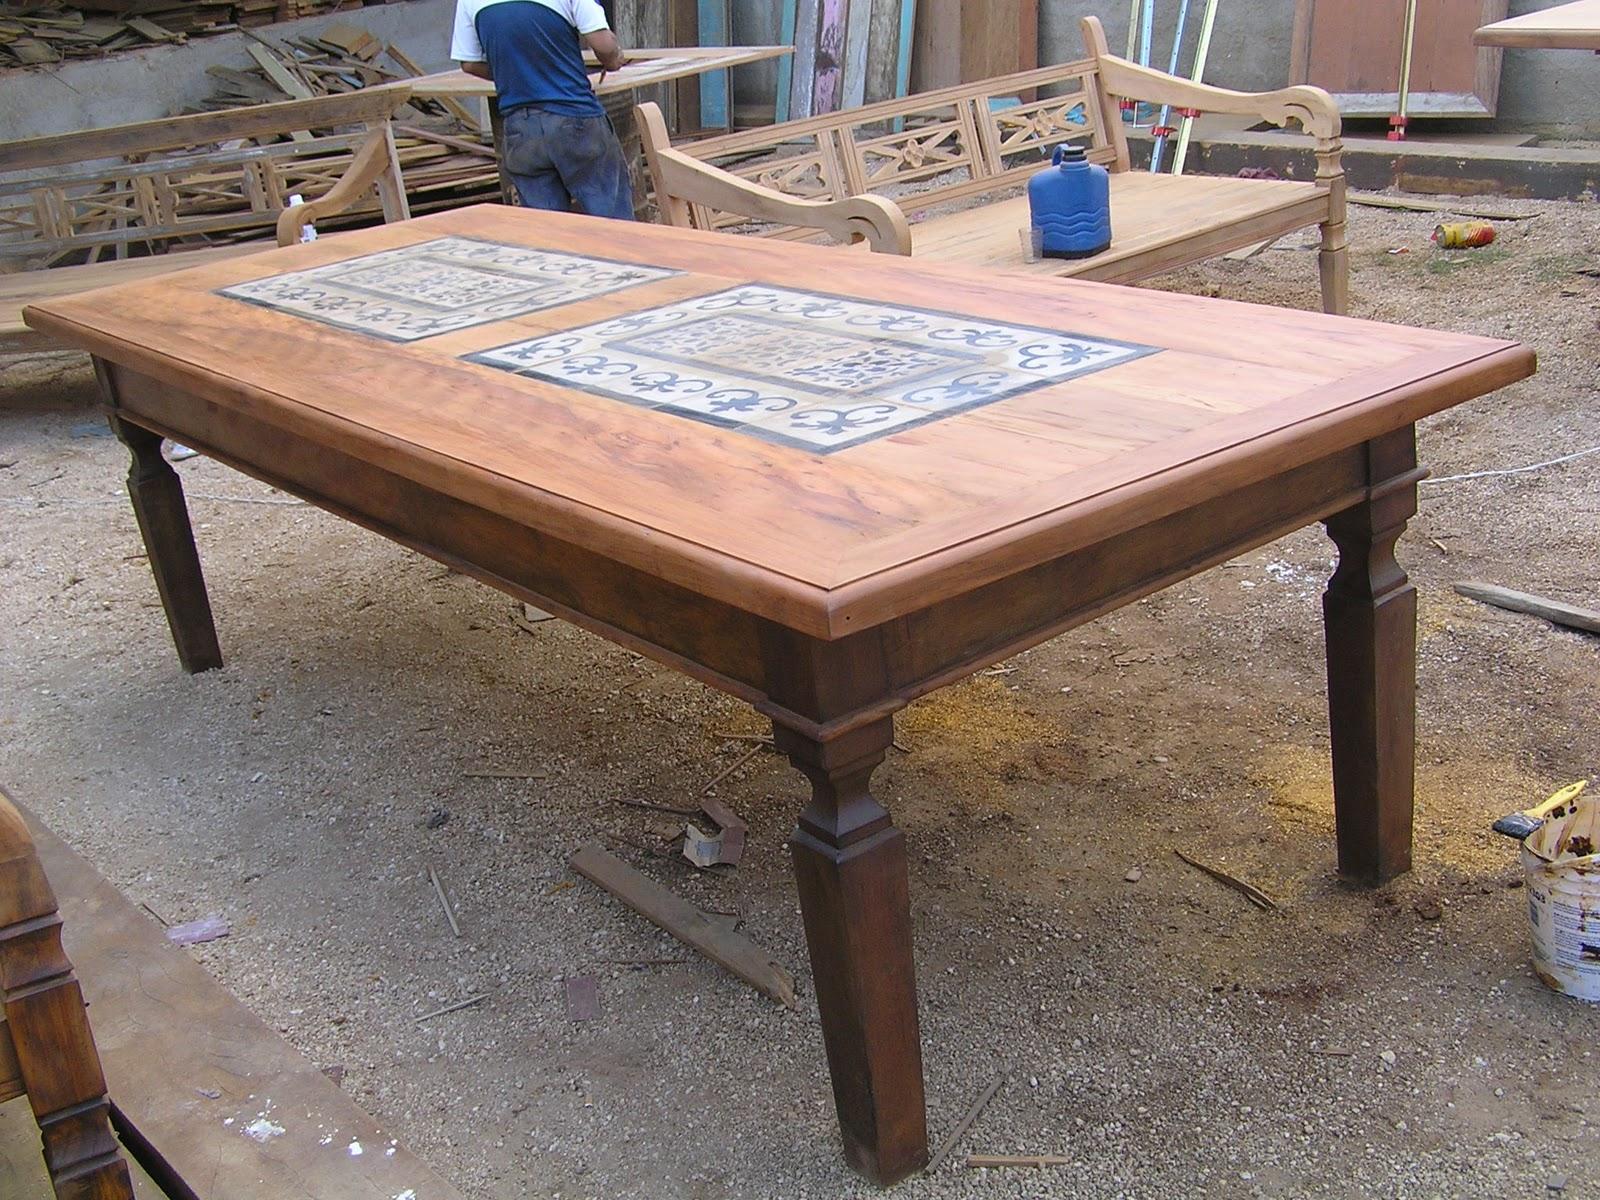 Mesa jantar em madeira demolição Peroba com ladrilho hidraulico #935638 1600x1200